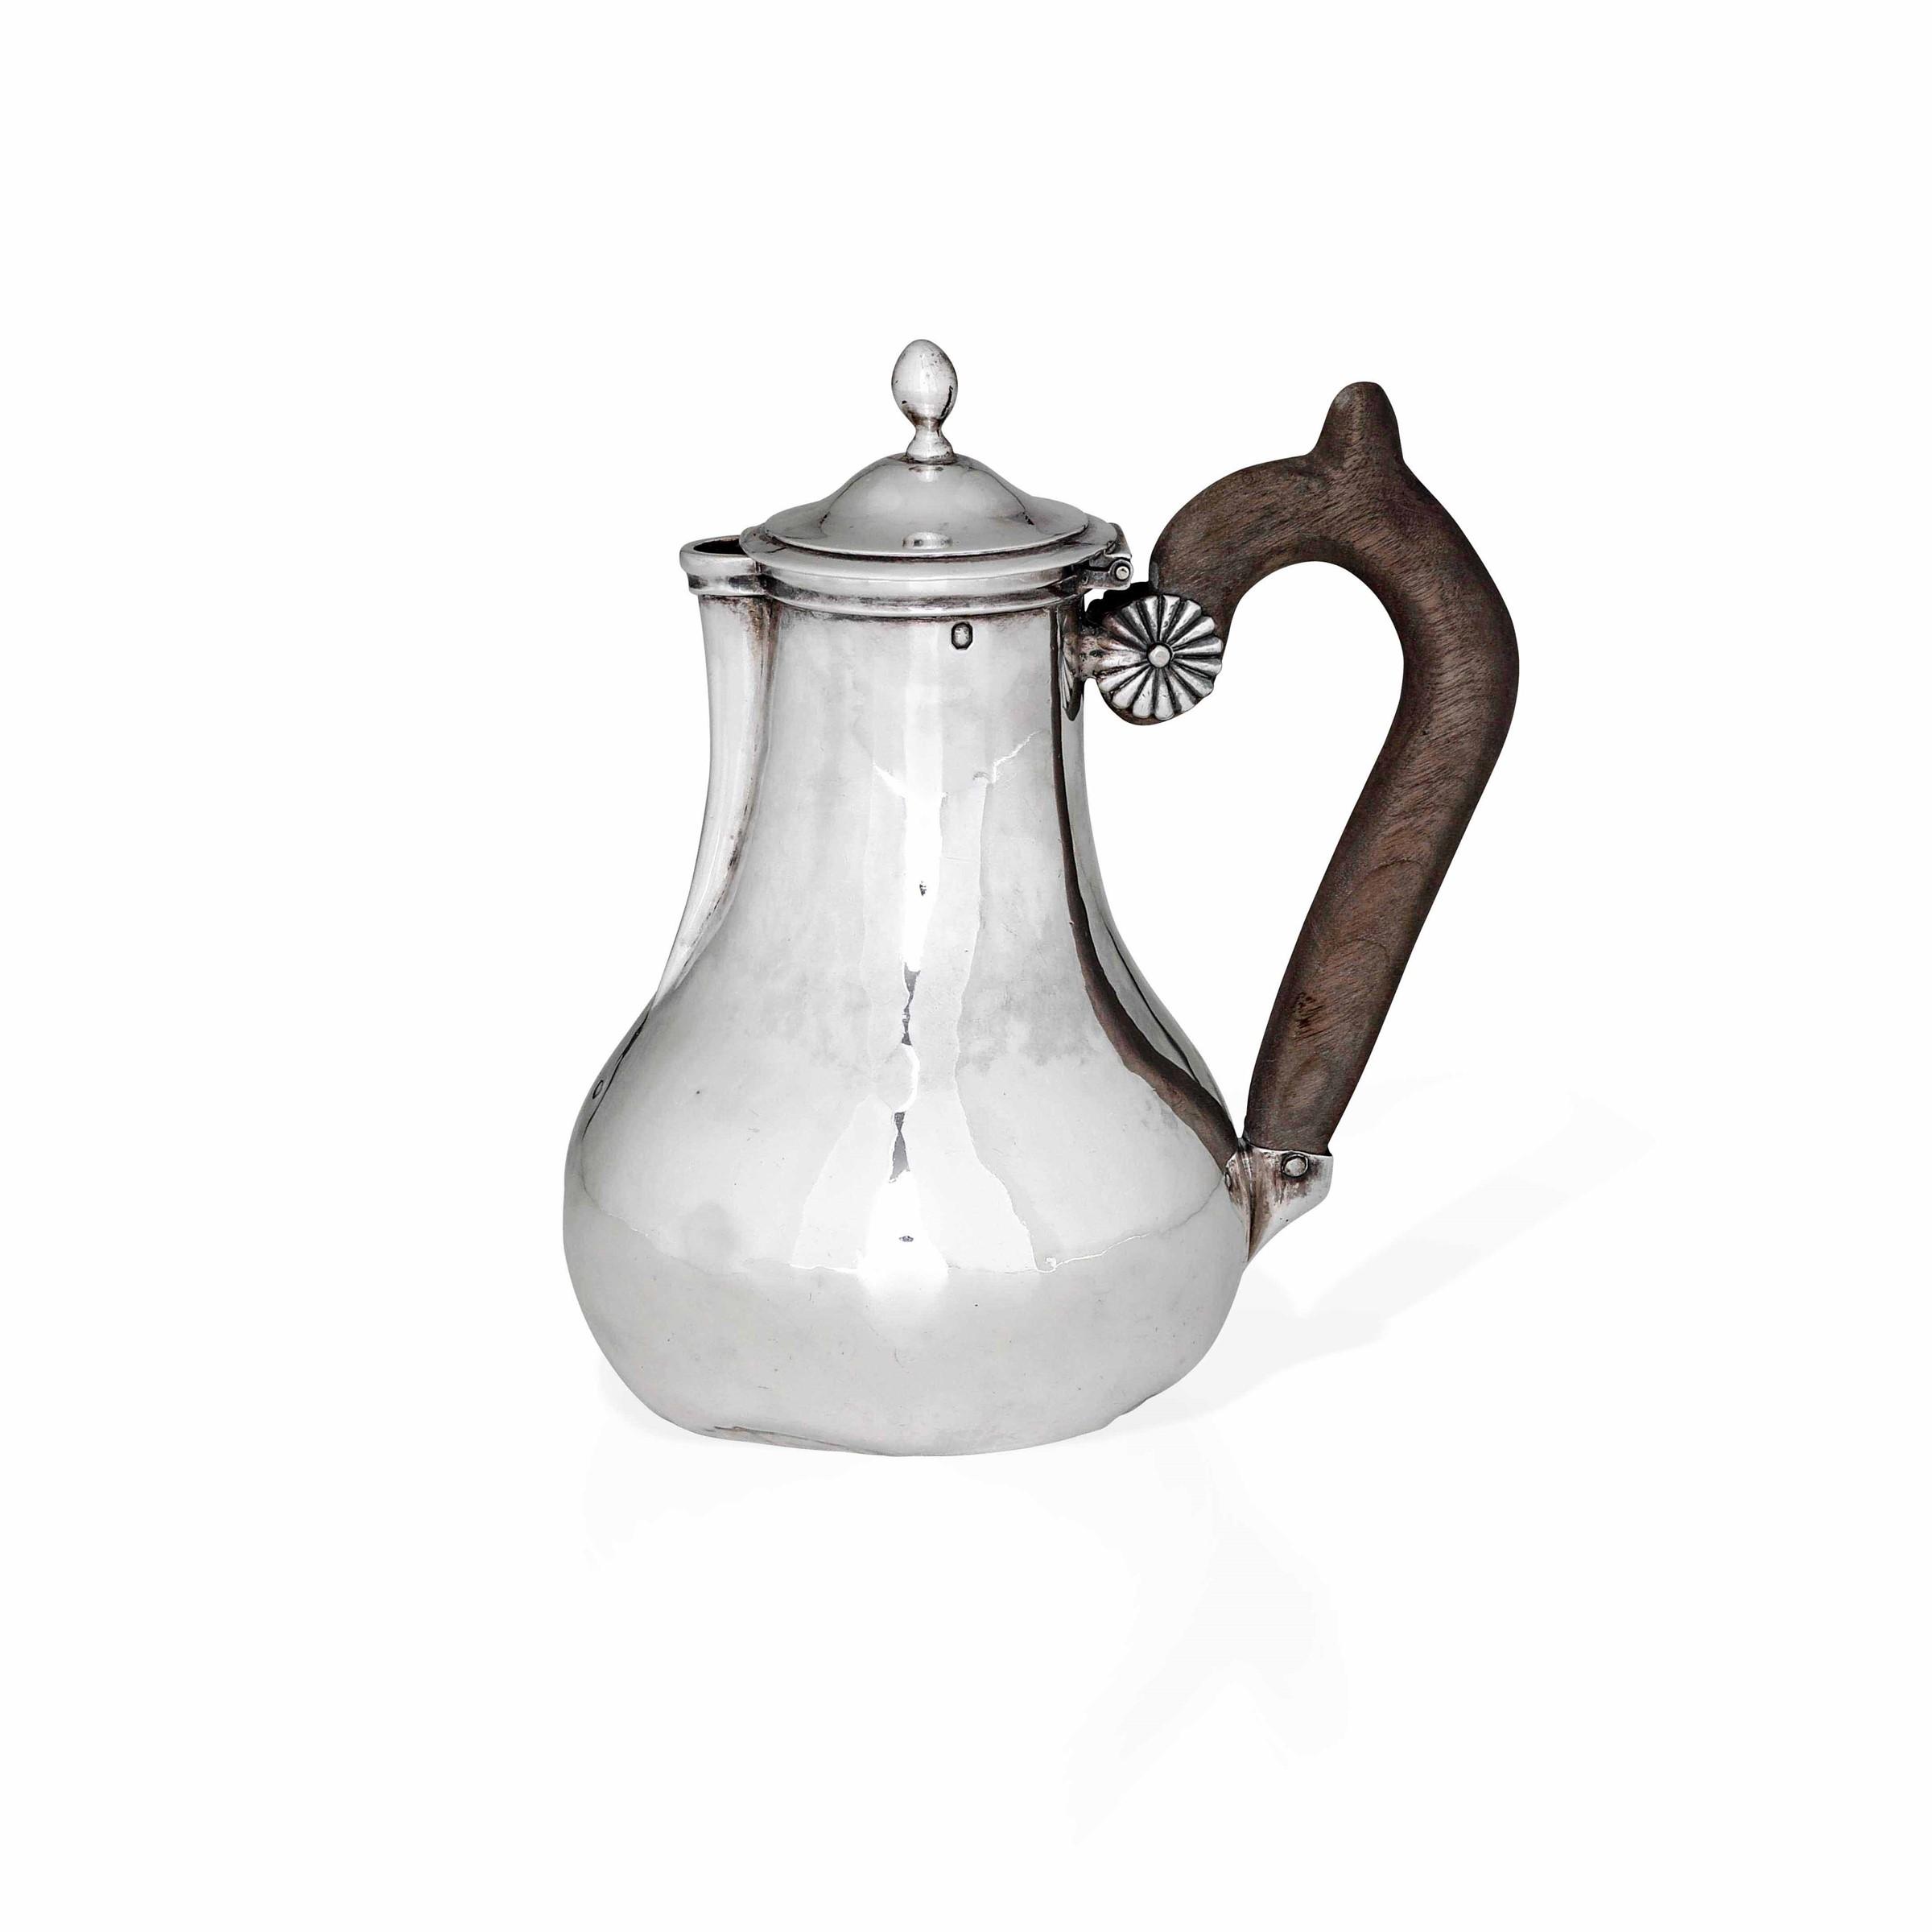 Bricco in argento primo titolo fuso e sbalzato. Parigi 1803-1819, - gr. 180, altezza [...]